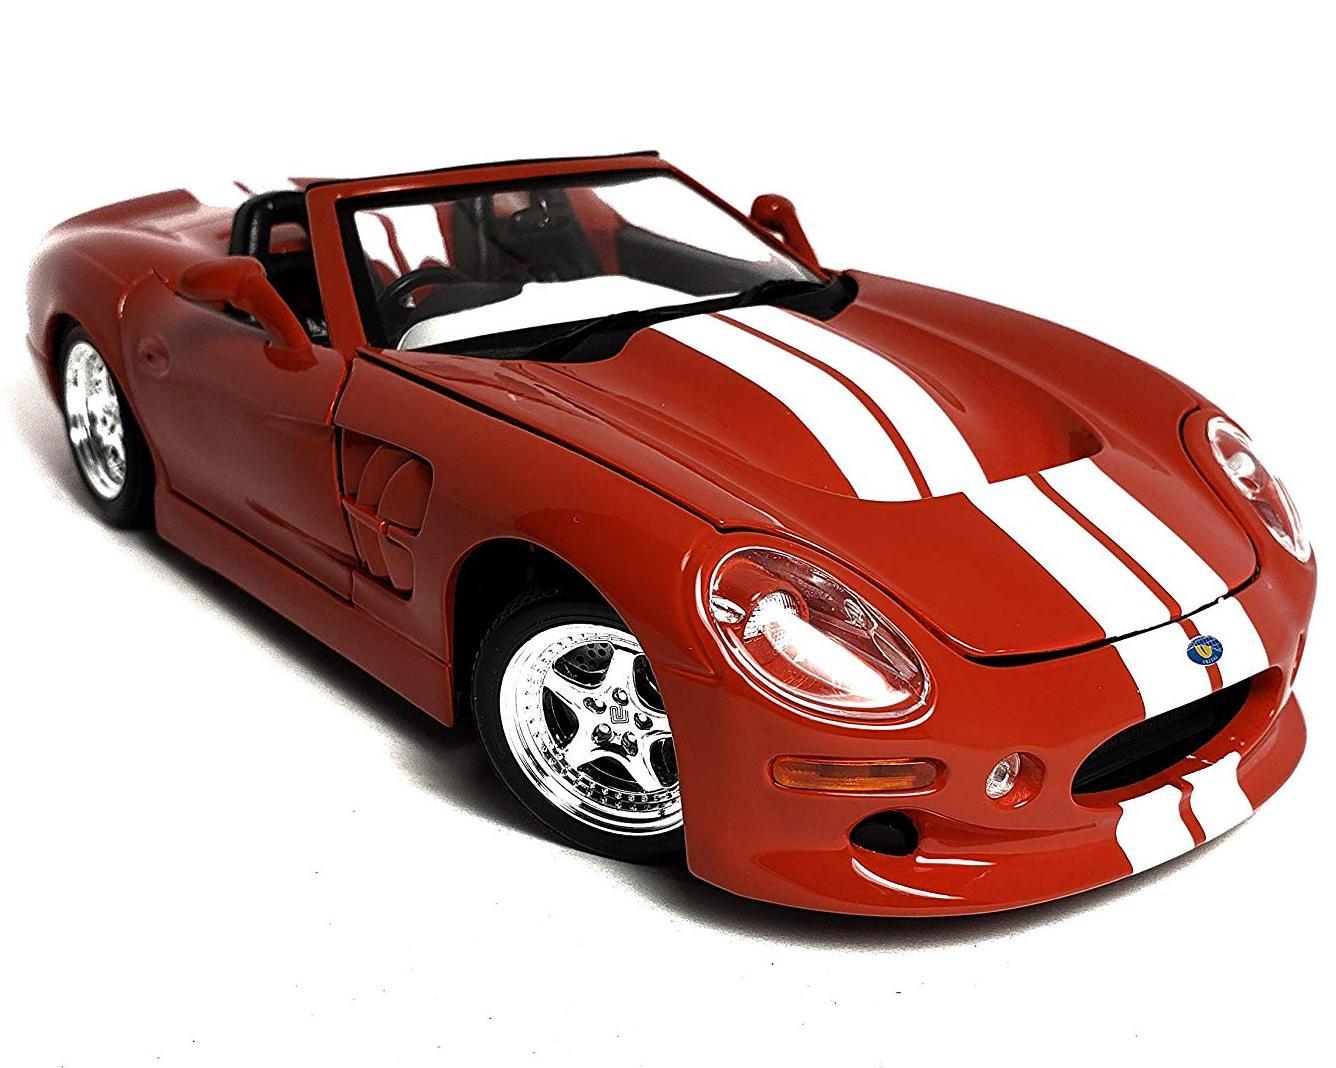 Купить Машинка Maisto 1:18 Shelby Series One 1999 года, красная, Игрушечные машинки